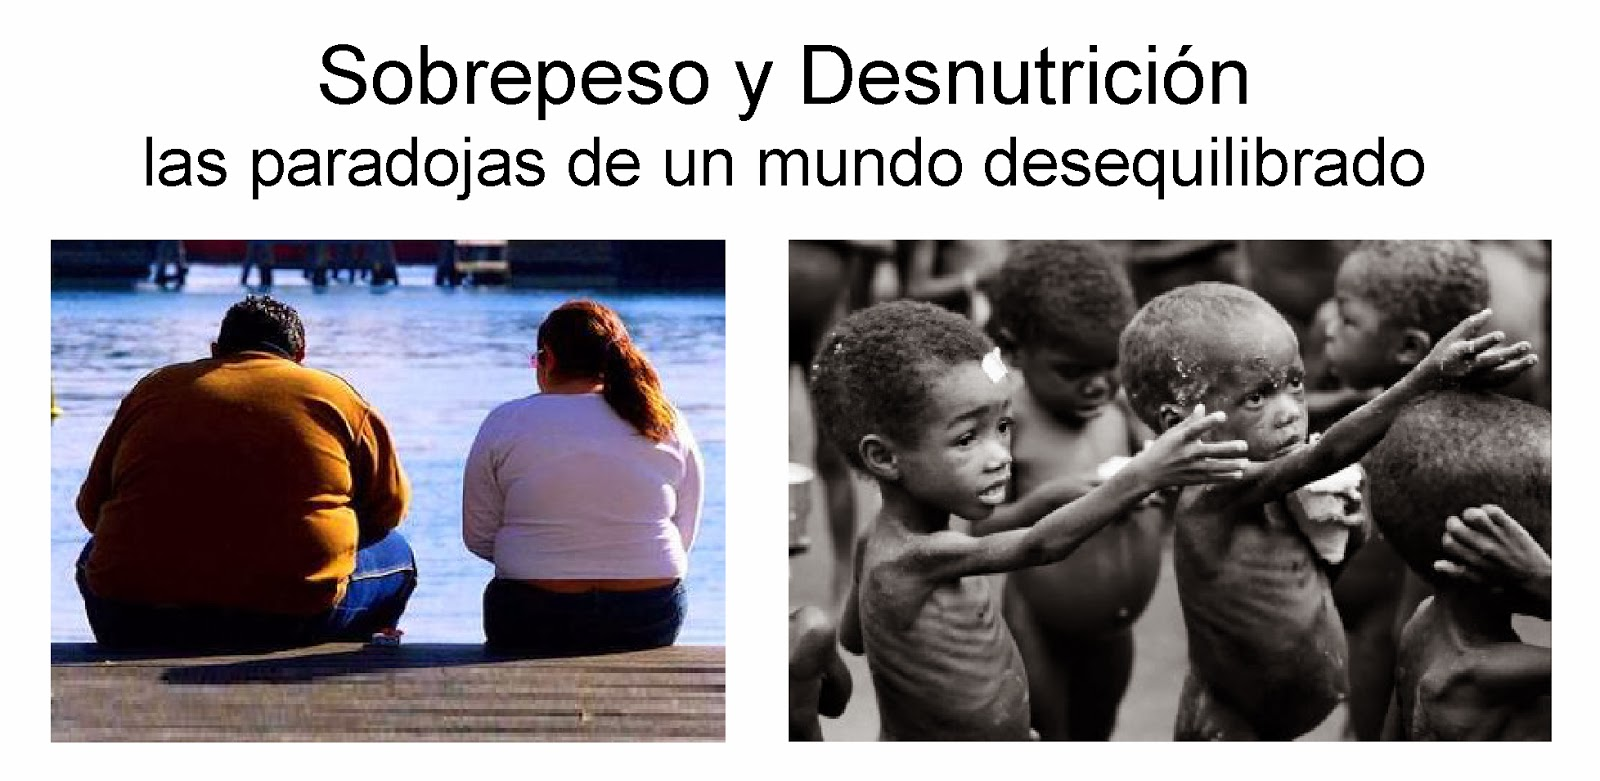 Imágenes comparando el sobrepeso y la desnutrición